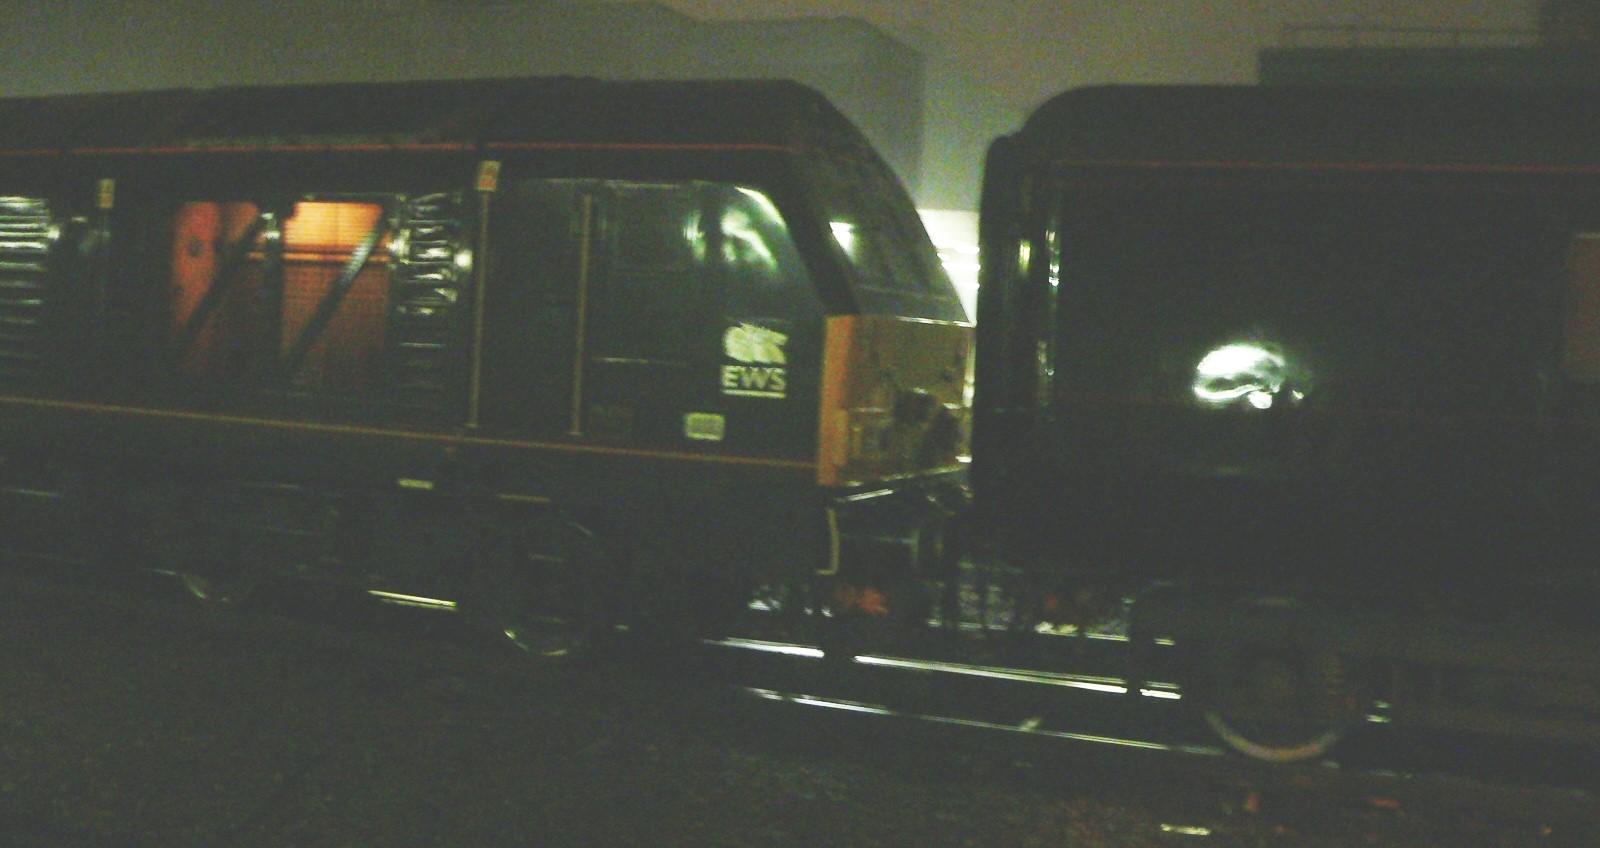 train%20scp%20%282%29.jpg